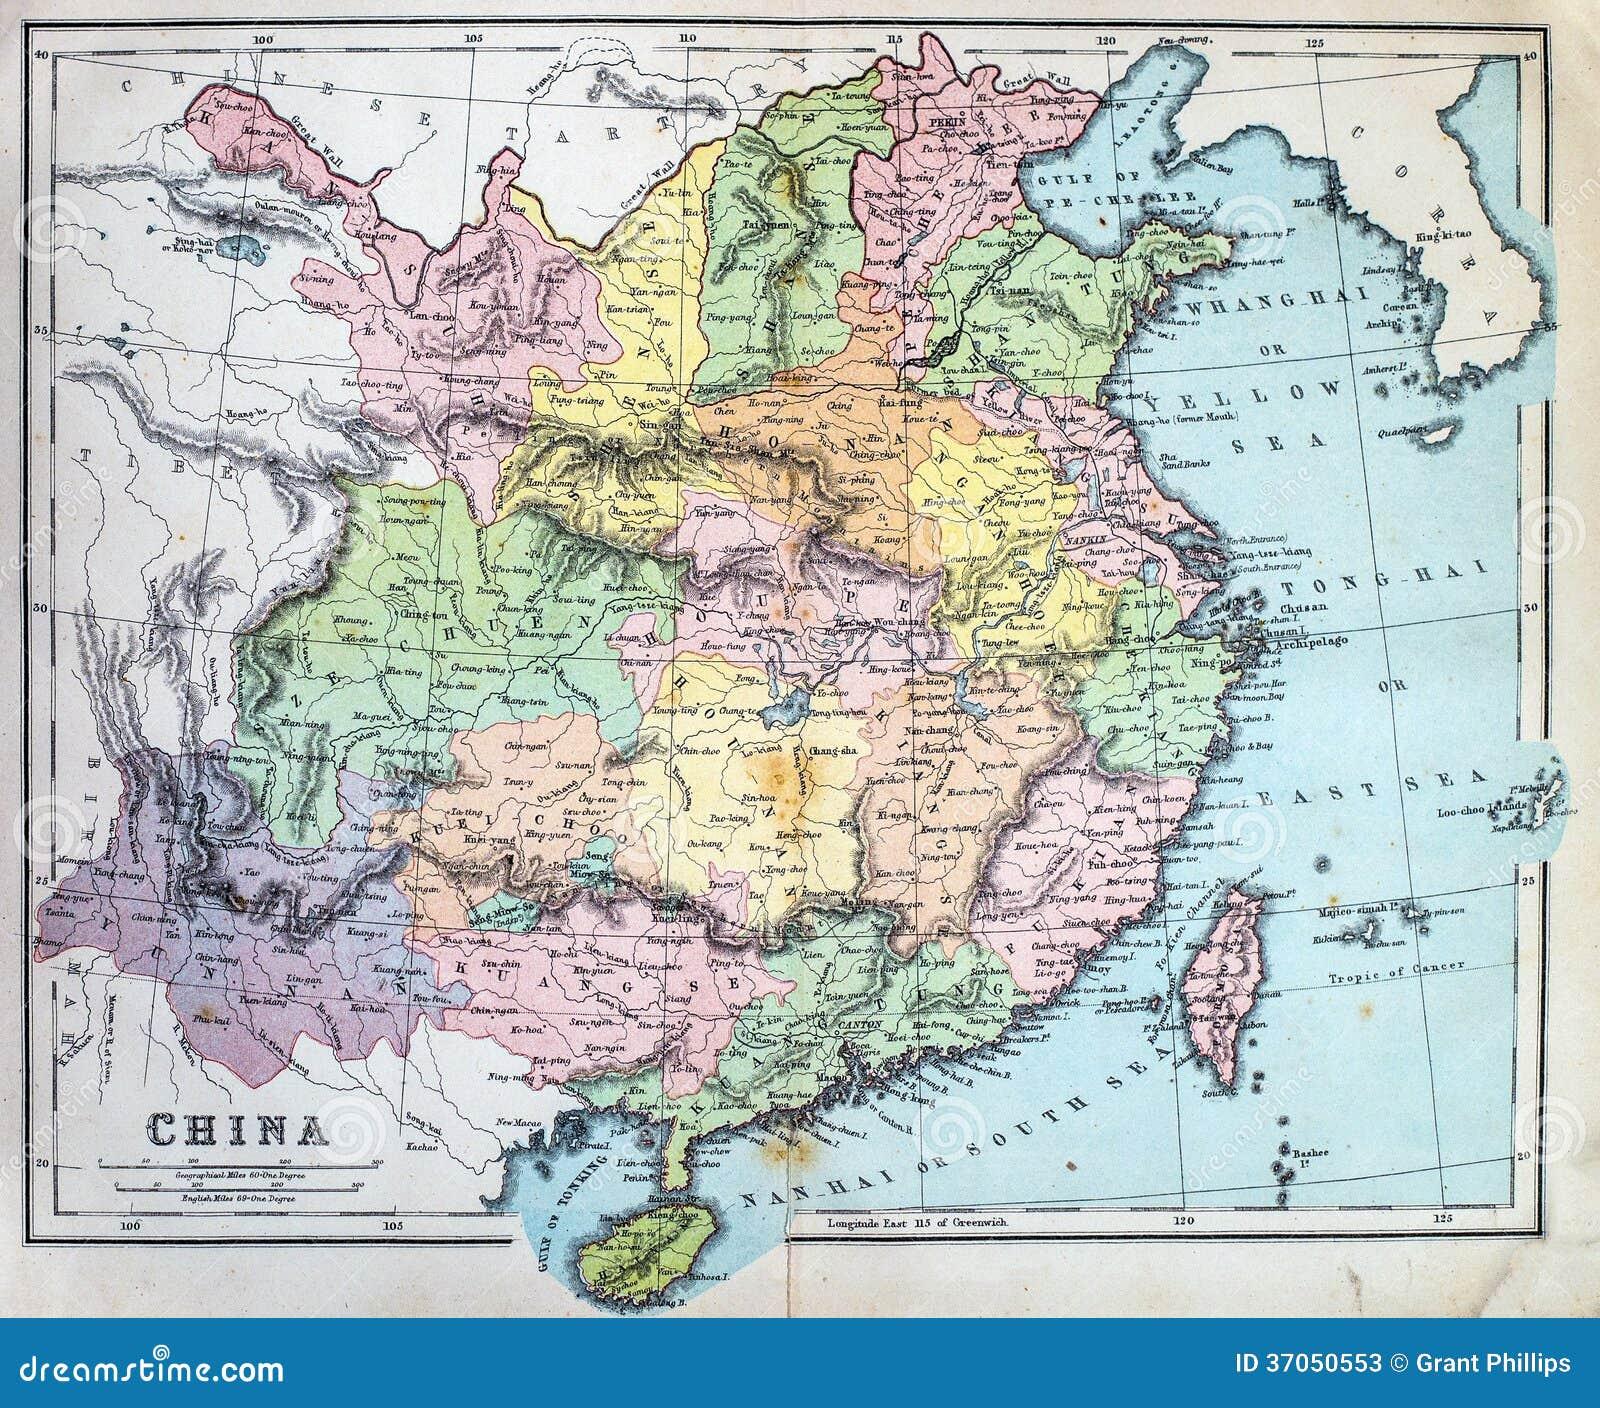 Carte Chine Antique.Carte Antique De La Chine Image Stock Image Du Geographie